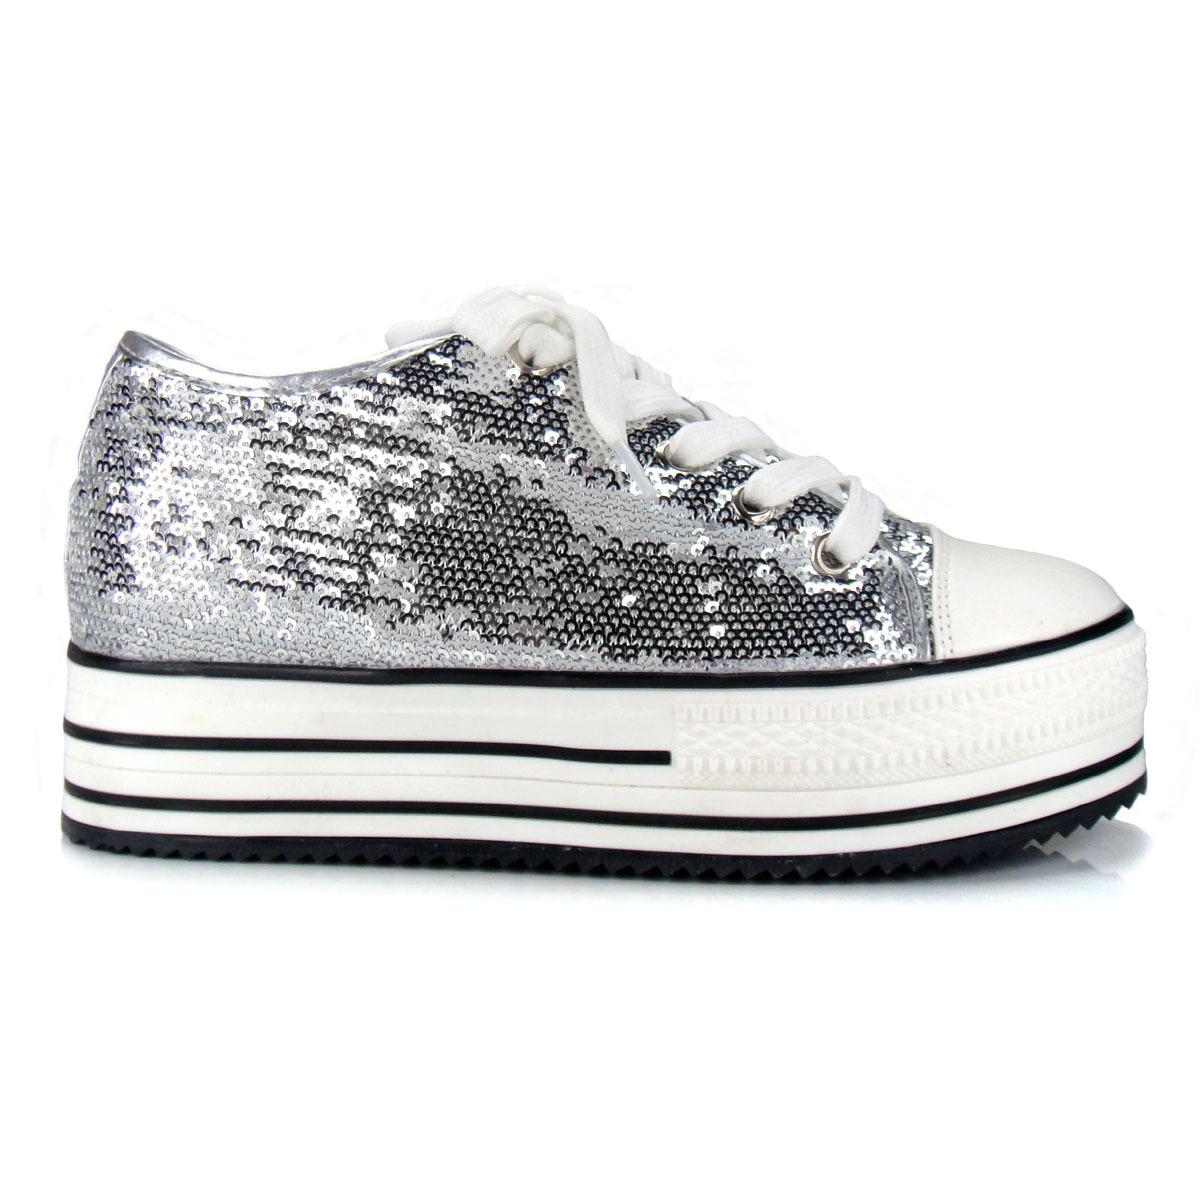 туфли Платформа Обувь на толстой подошве с увеличением плоского кружева атласной ткани Обувь женская обувь